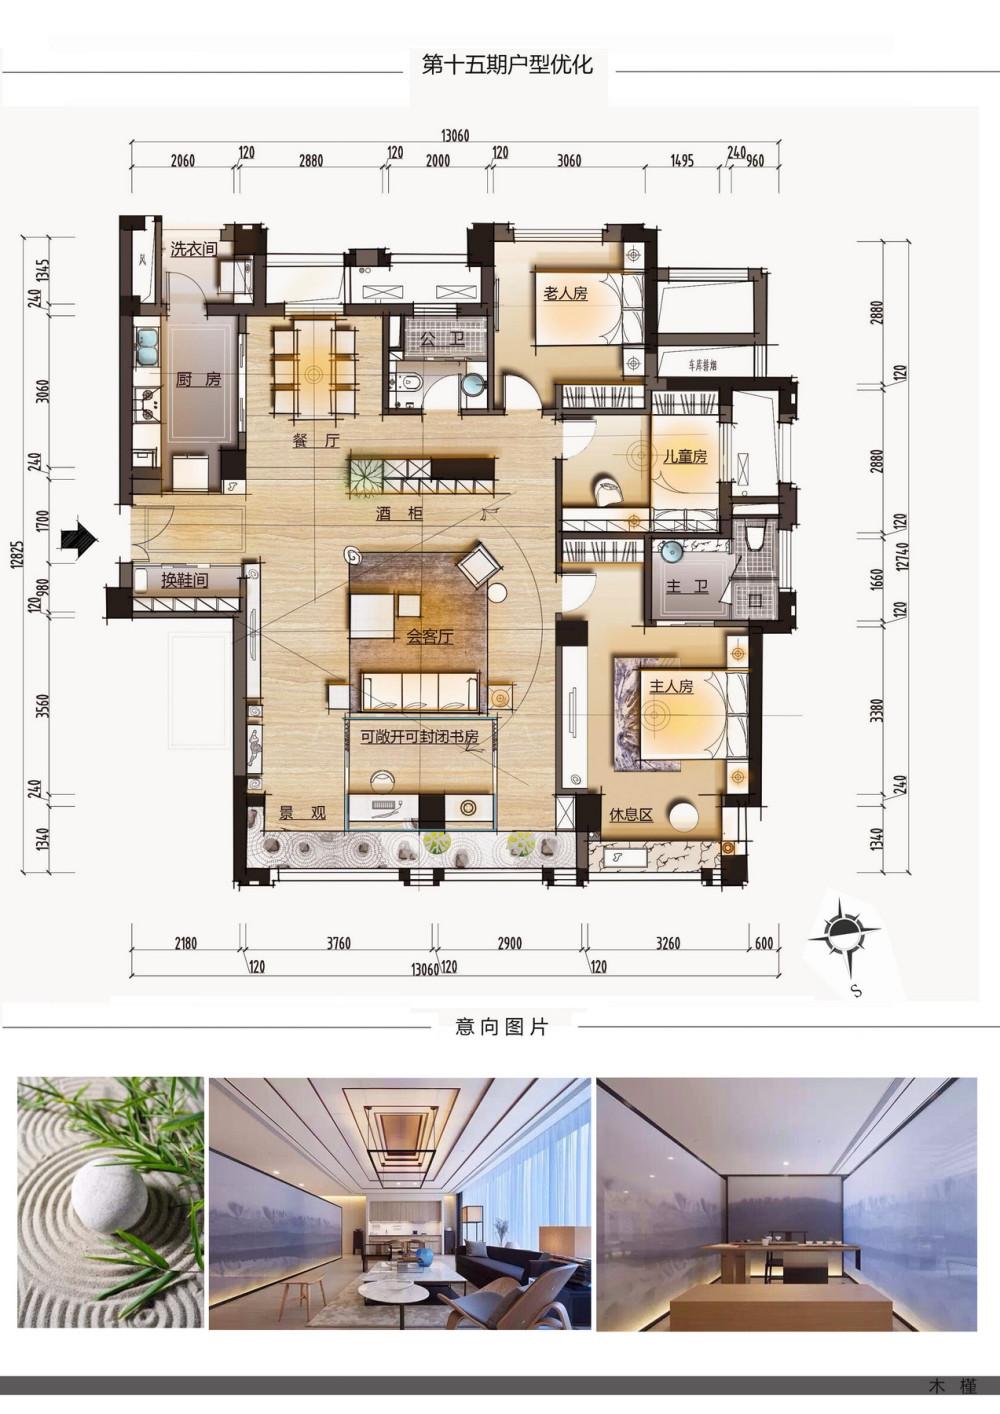 【第15期-住宅平面优化】一个150m²平层16组方案 投票奖励DB_【05】.jpg